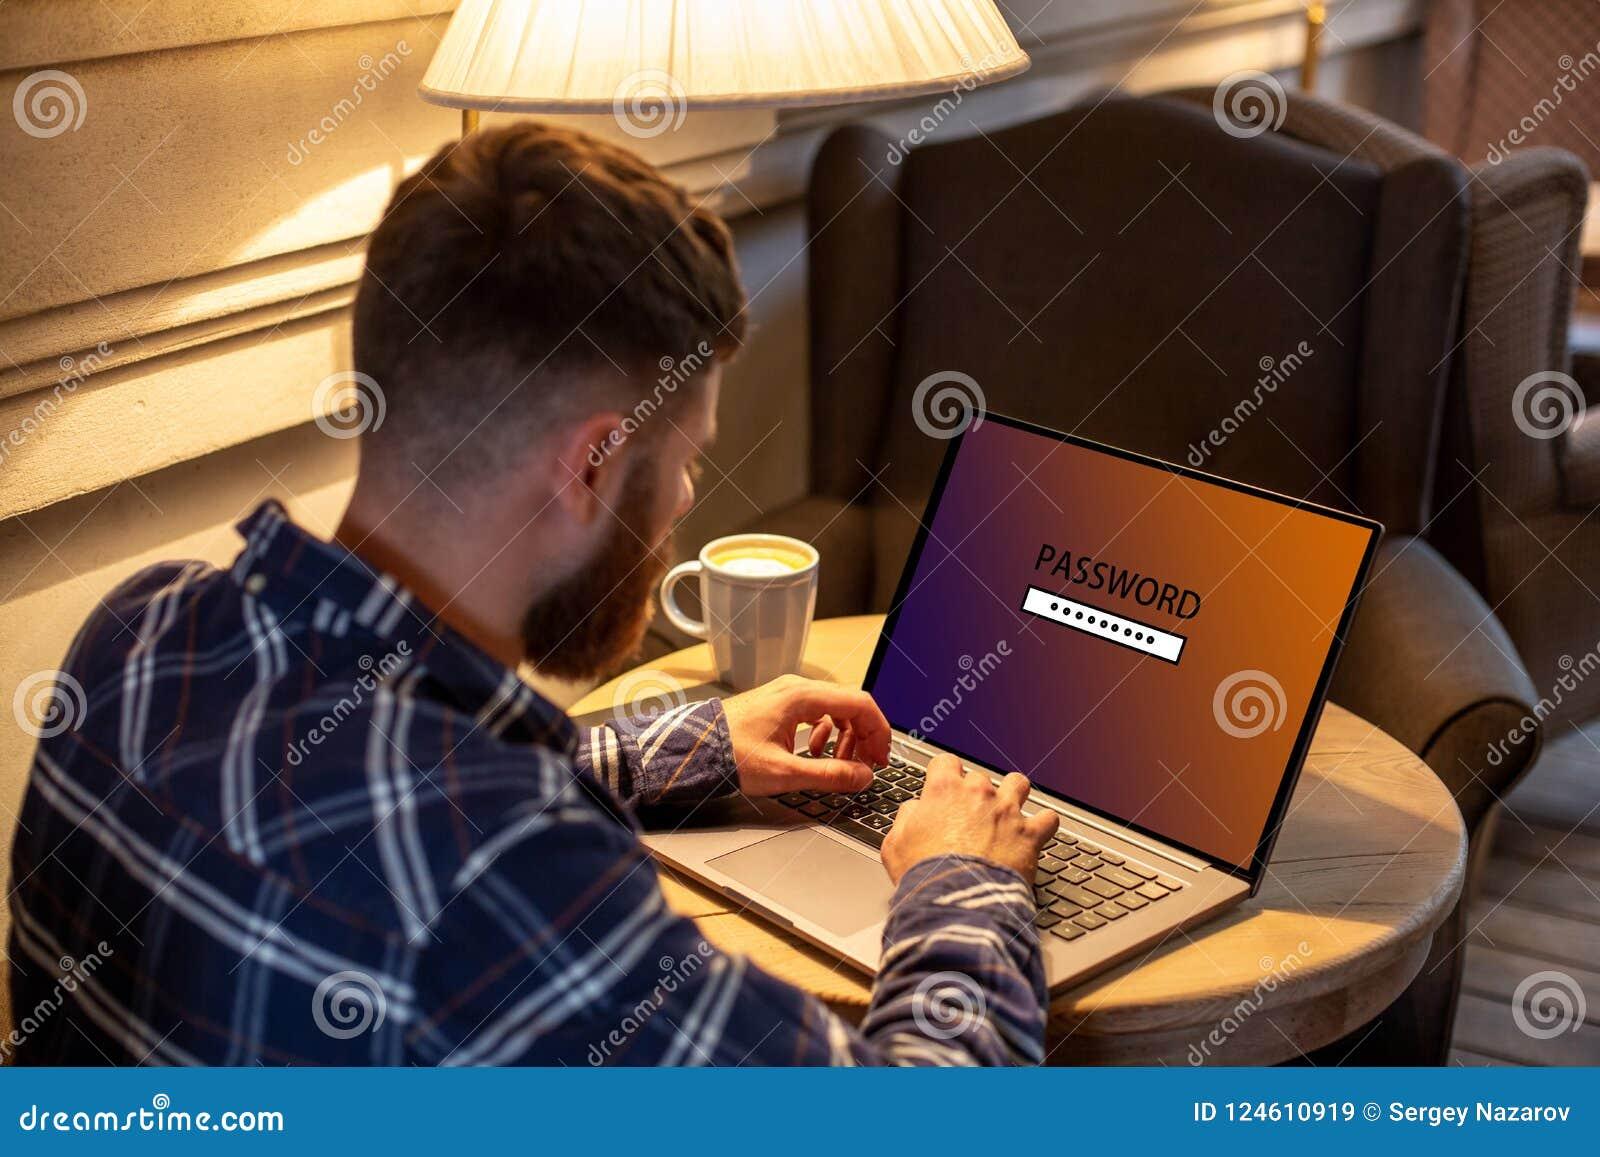 Den kantjusterade bilden av en ung man som arbetar på hans bärbar dator i en coffee shop, den unga manliga studenten, skriver in